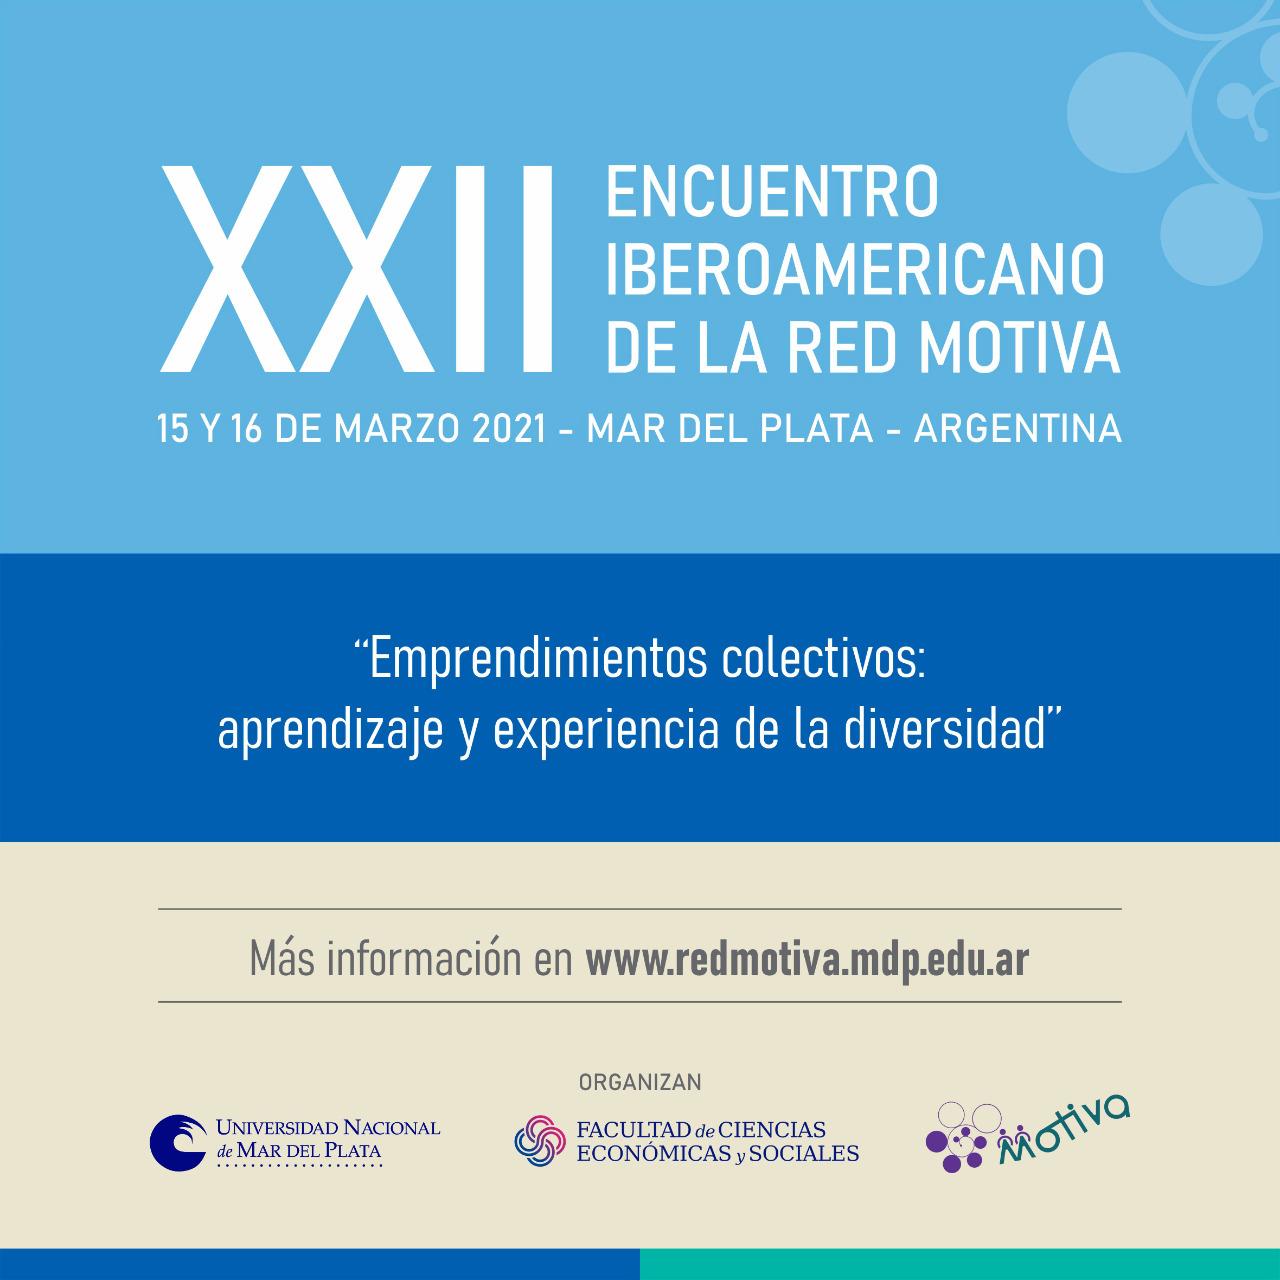 XXI Encuentro Iberoamericano de la Red Motiva